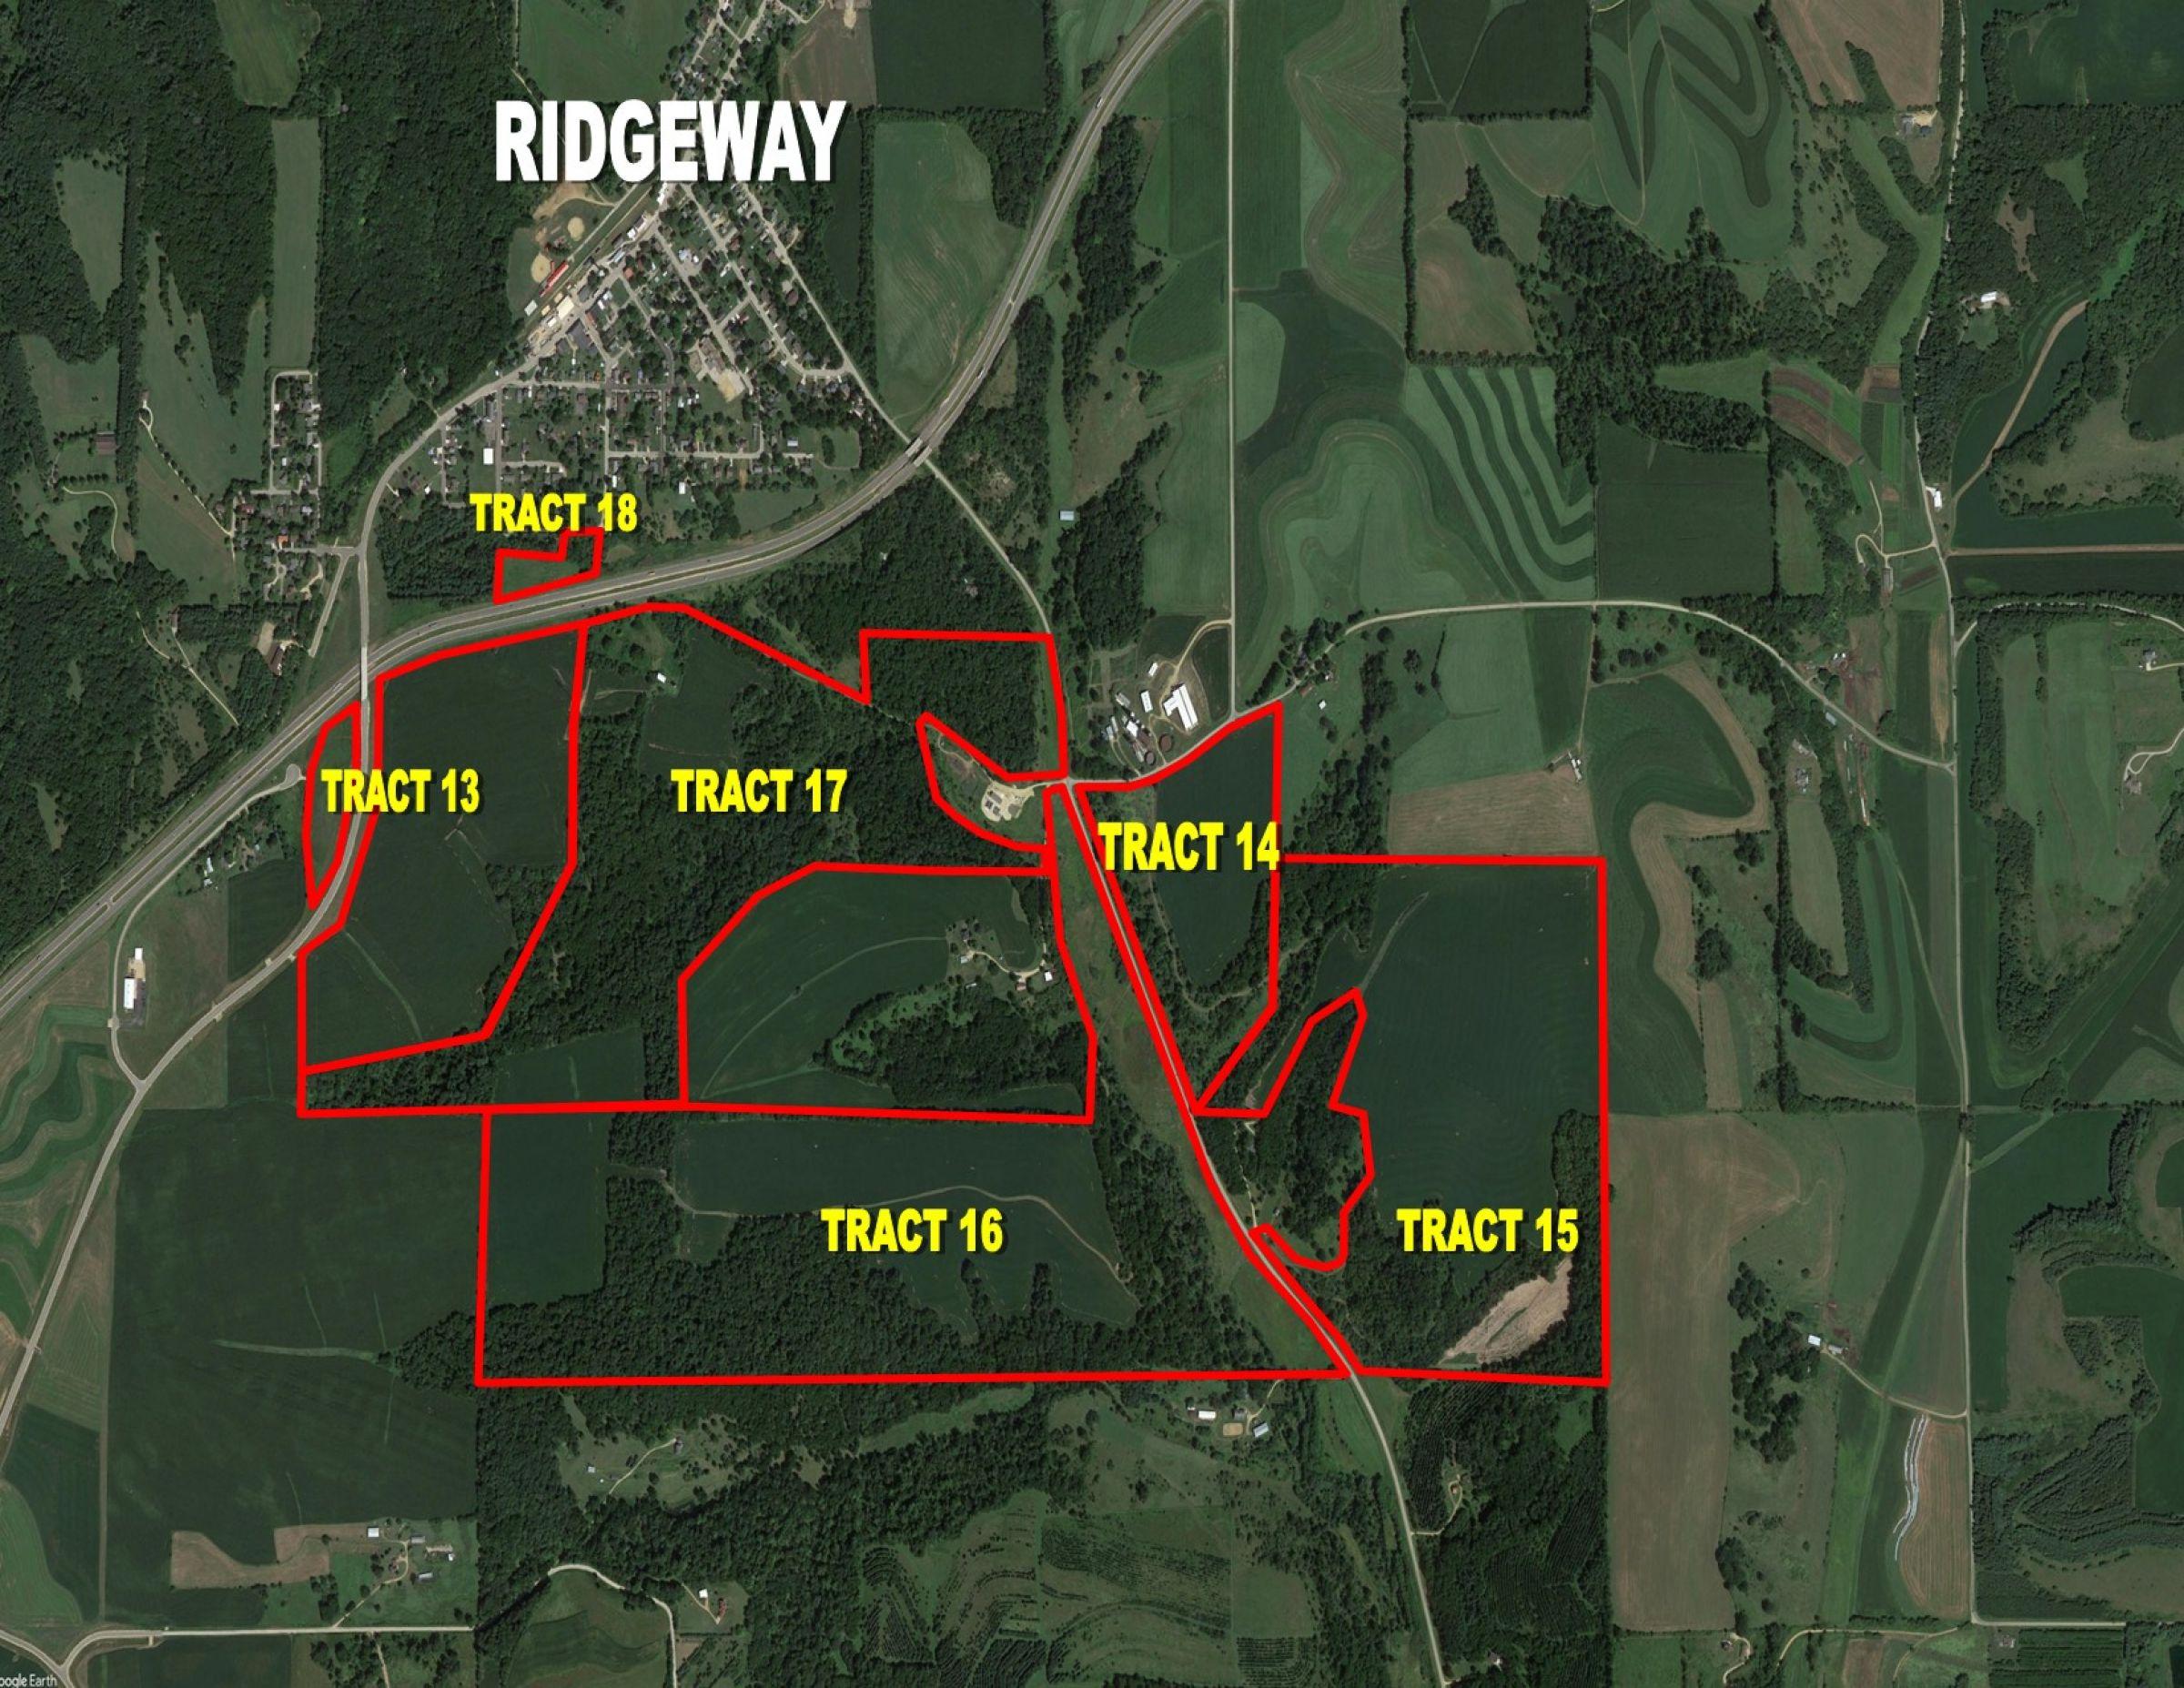 13-ridgeway-0-2021-03-09-170011.jpg